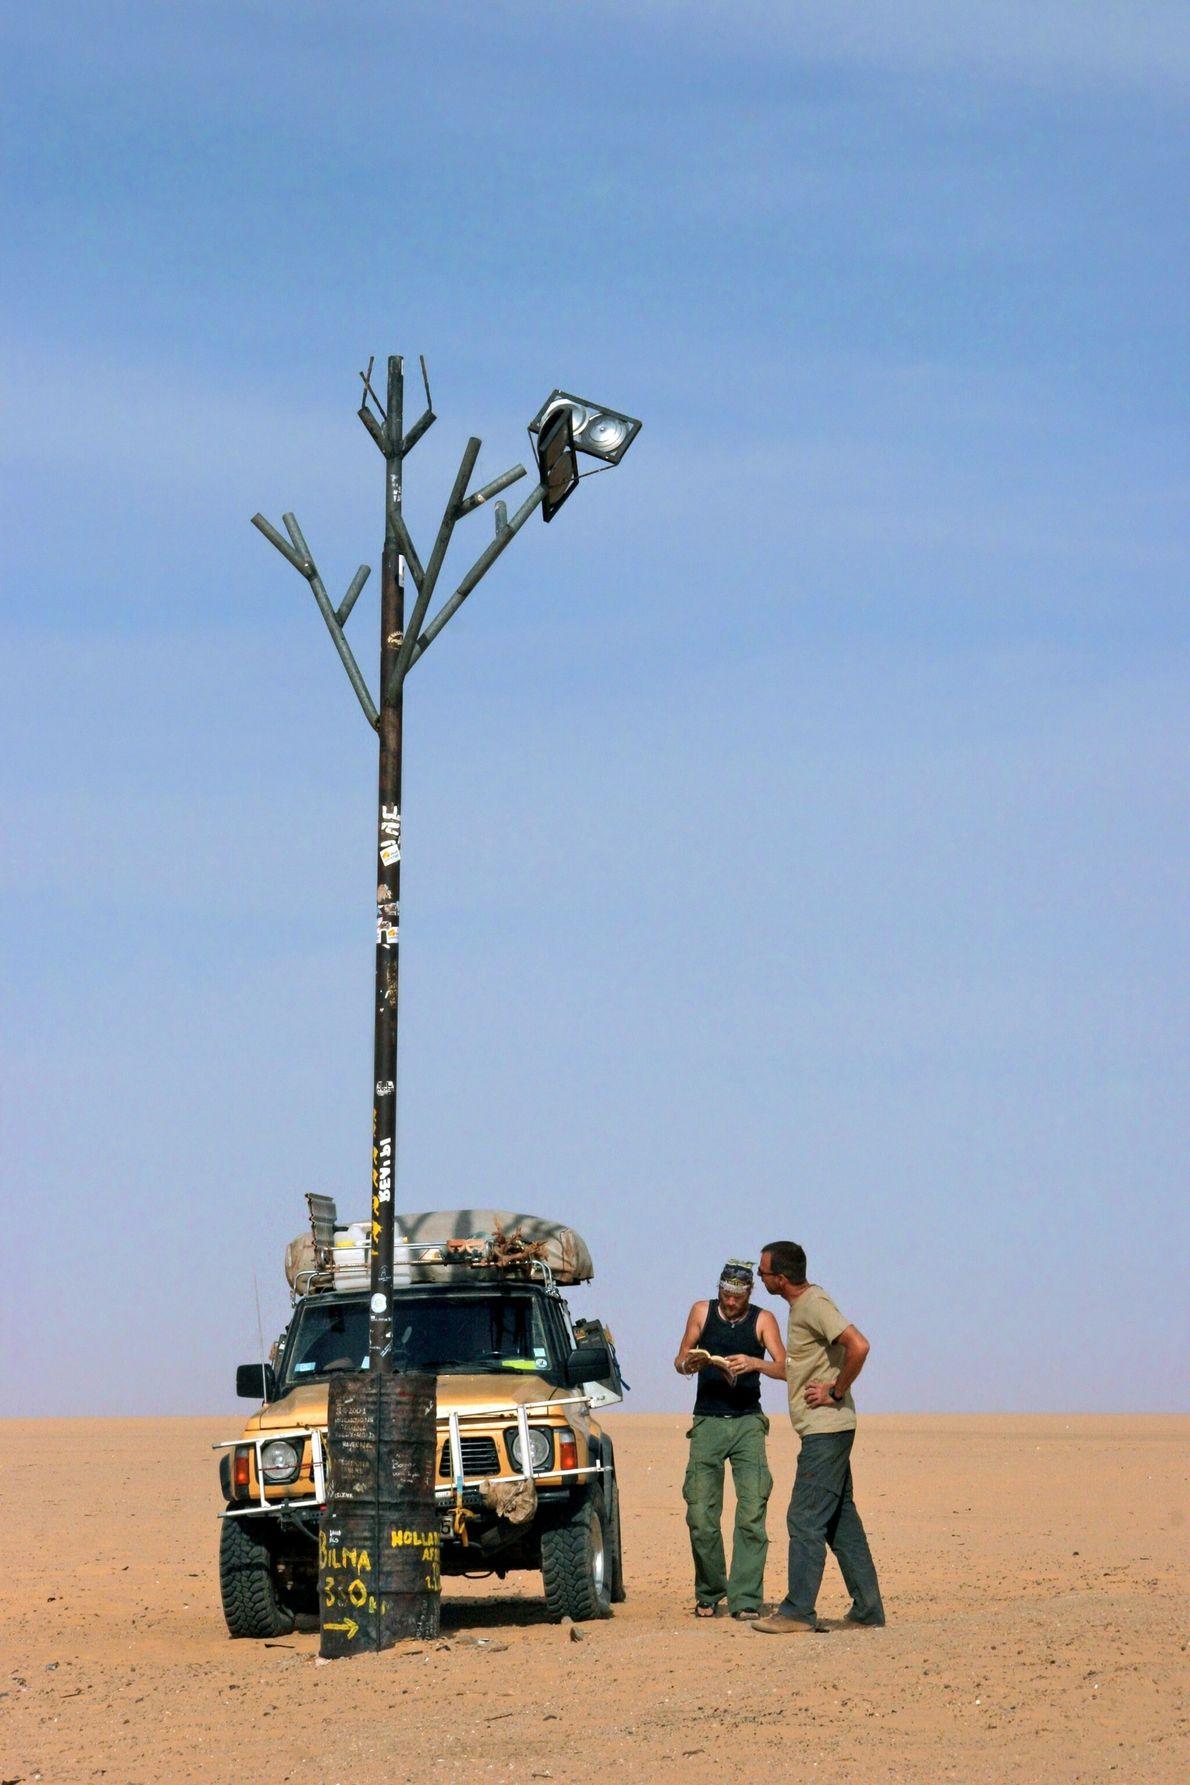 TÉNÉRÉ TREE, NIGER